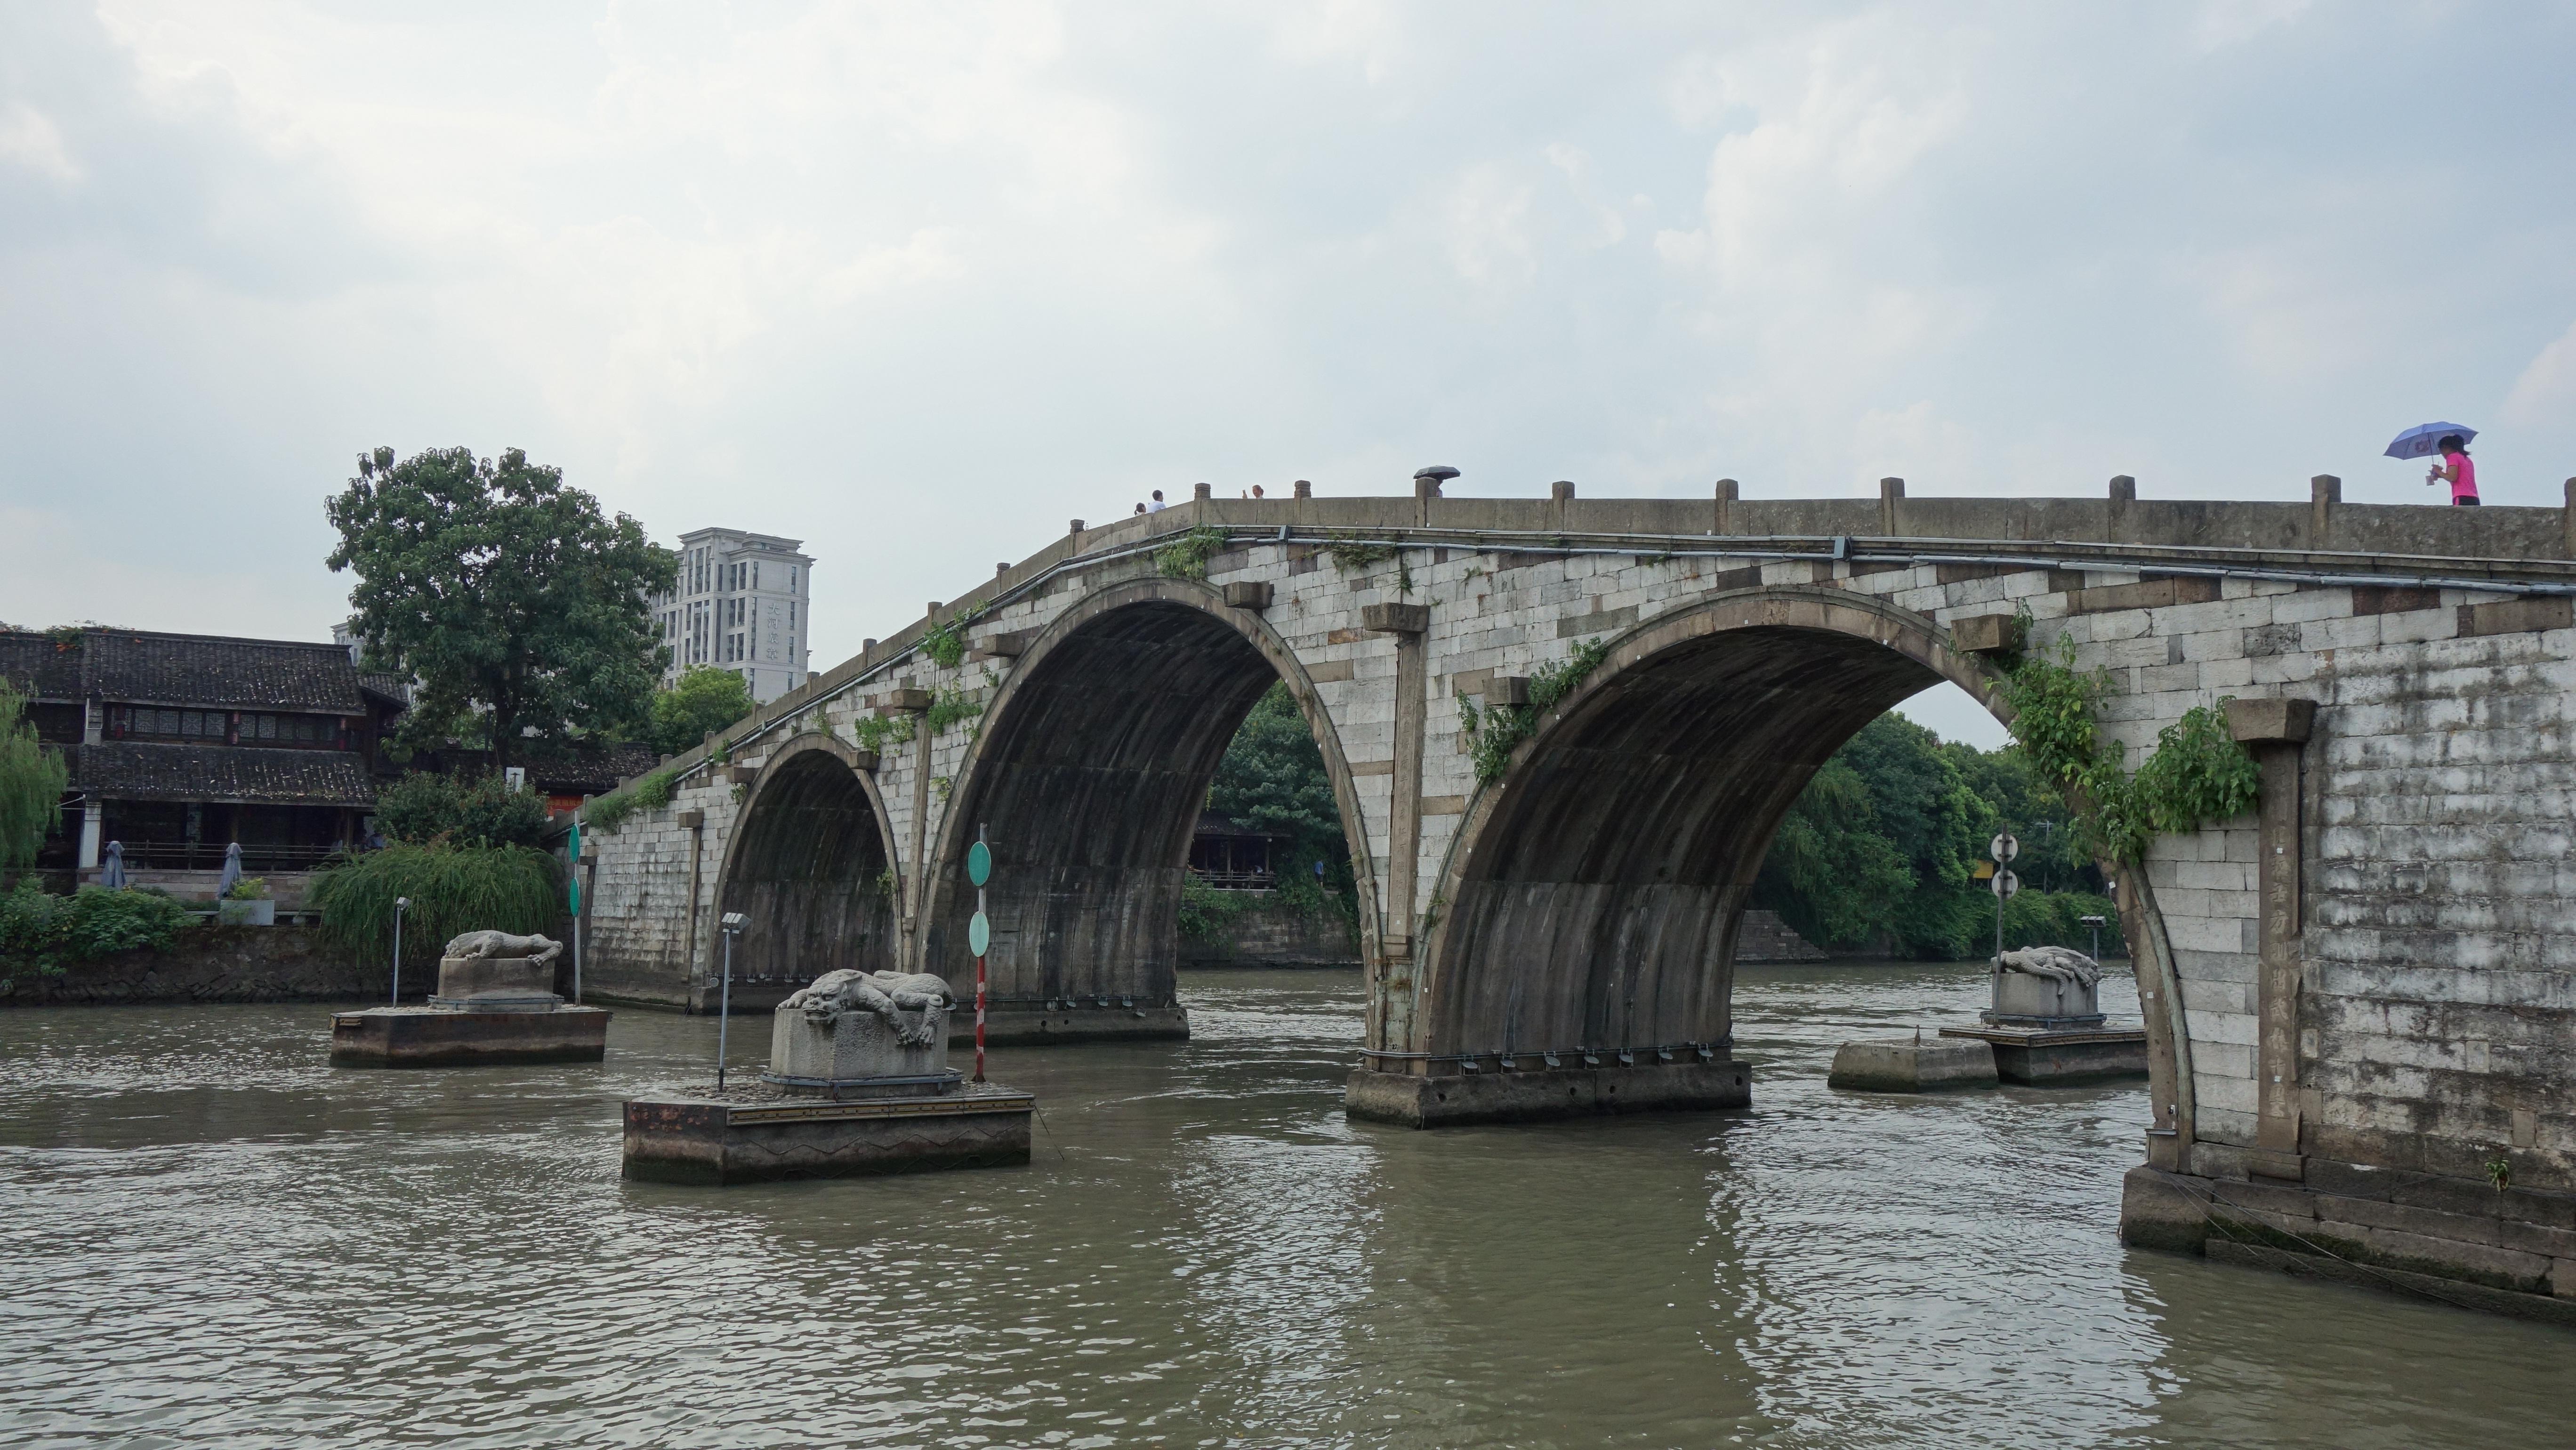 壁纸 风景 古镇 建筑 旅游 桥 摄影 5472_3080